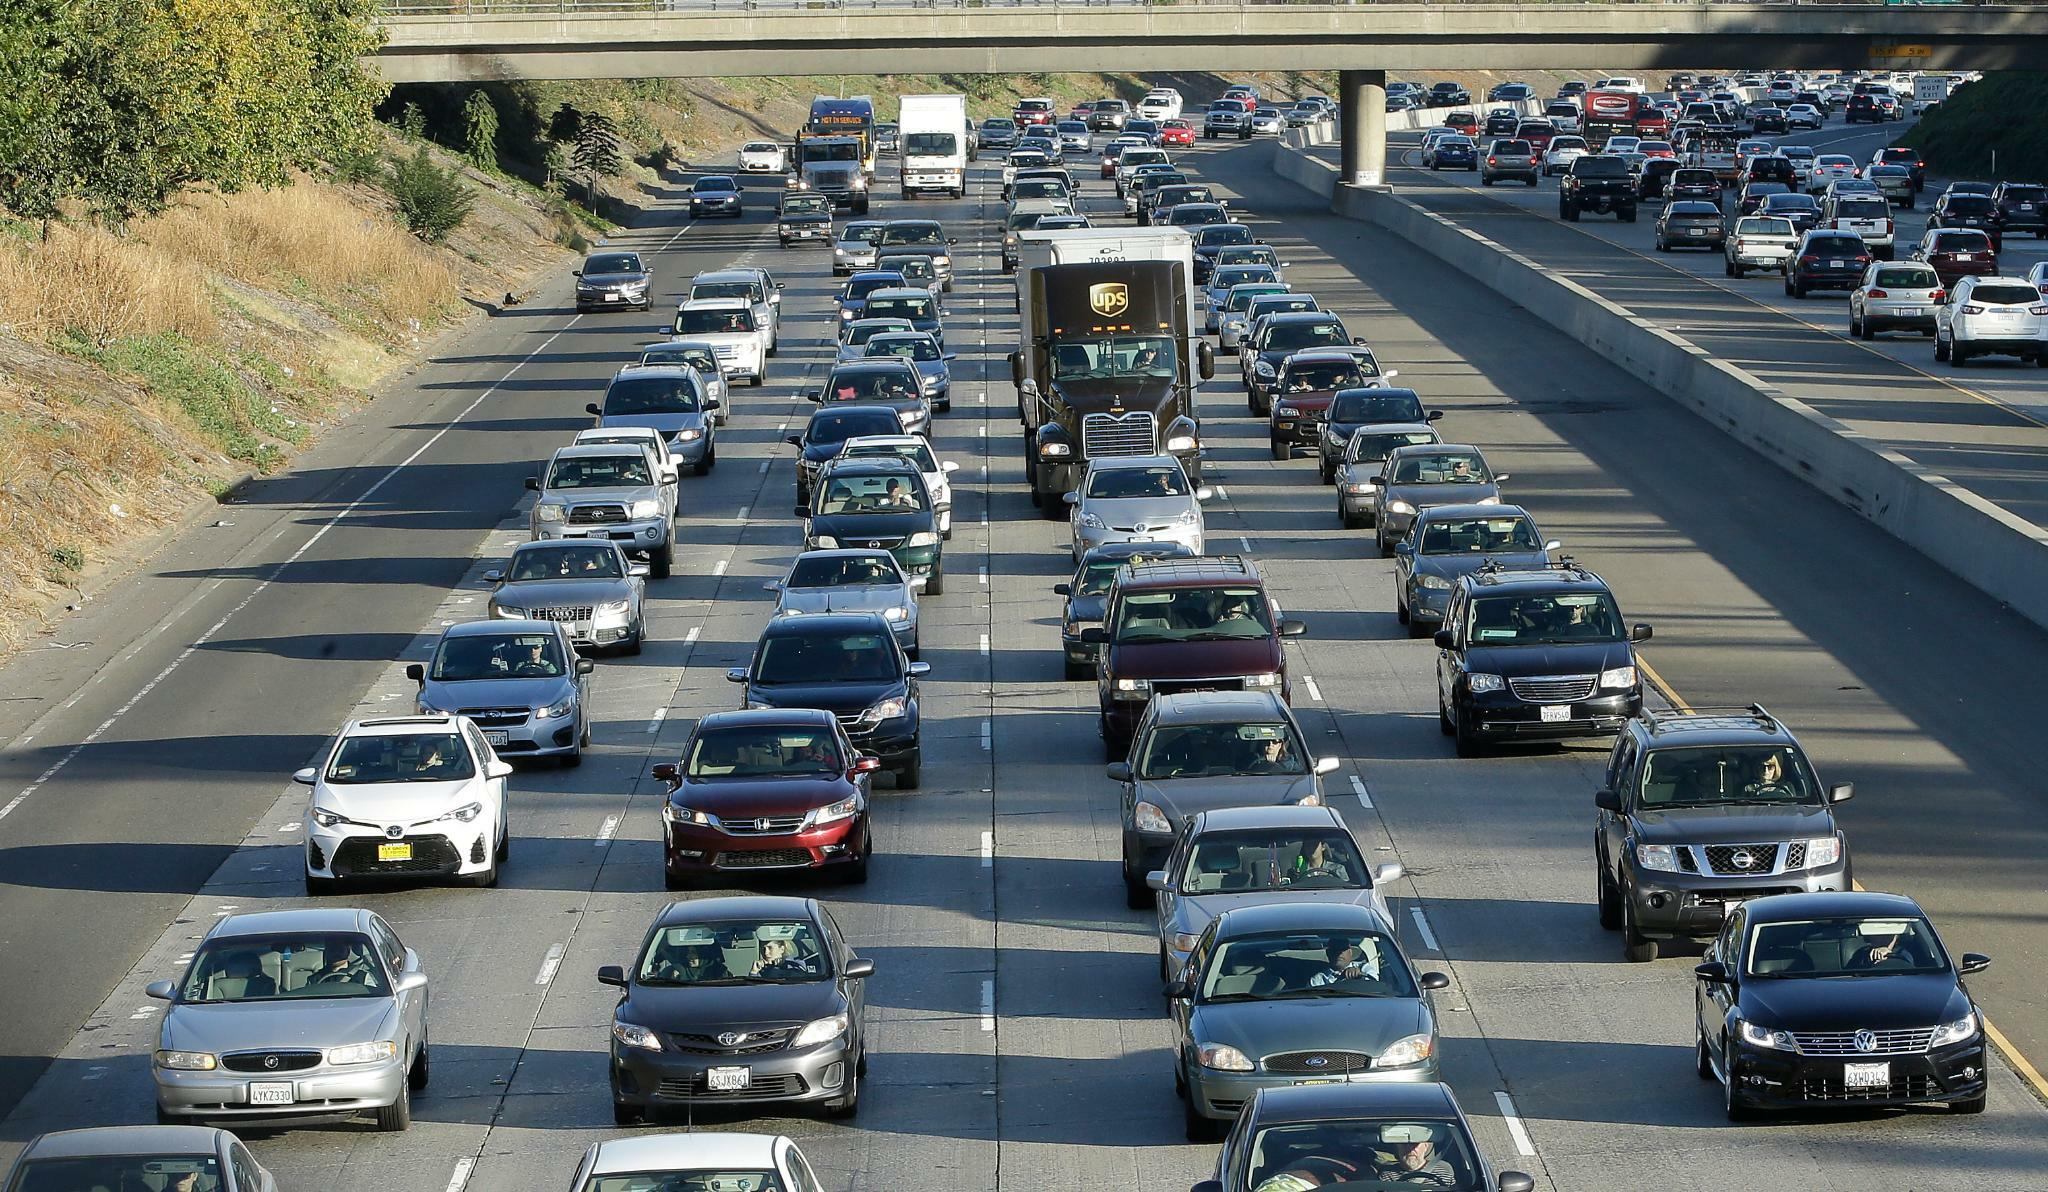 Luftverschmutzung: Auto-Abgase – US-Bundesstaaten reichen Klage gegen Trump-Regierung ein